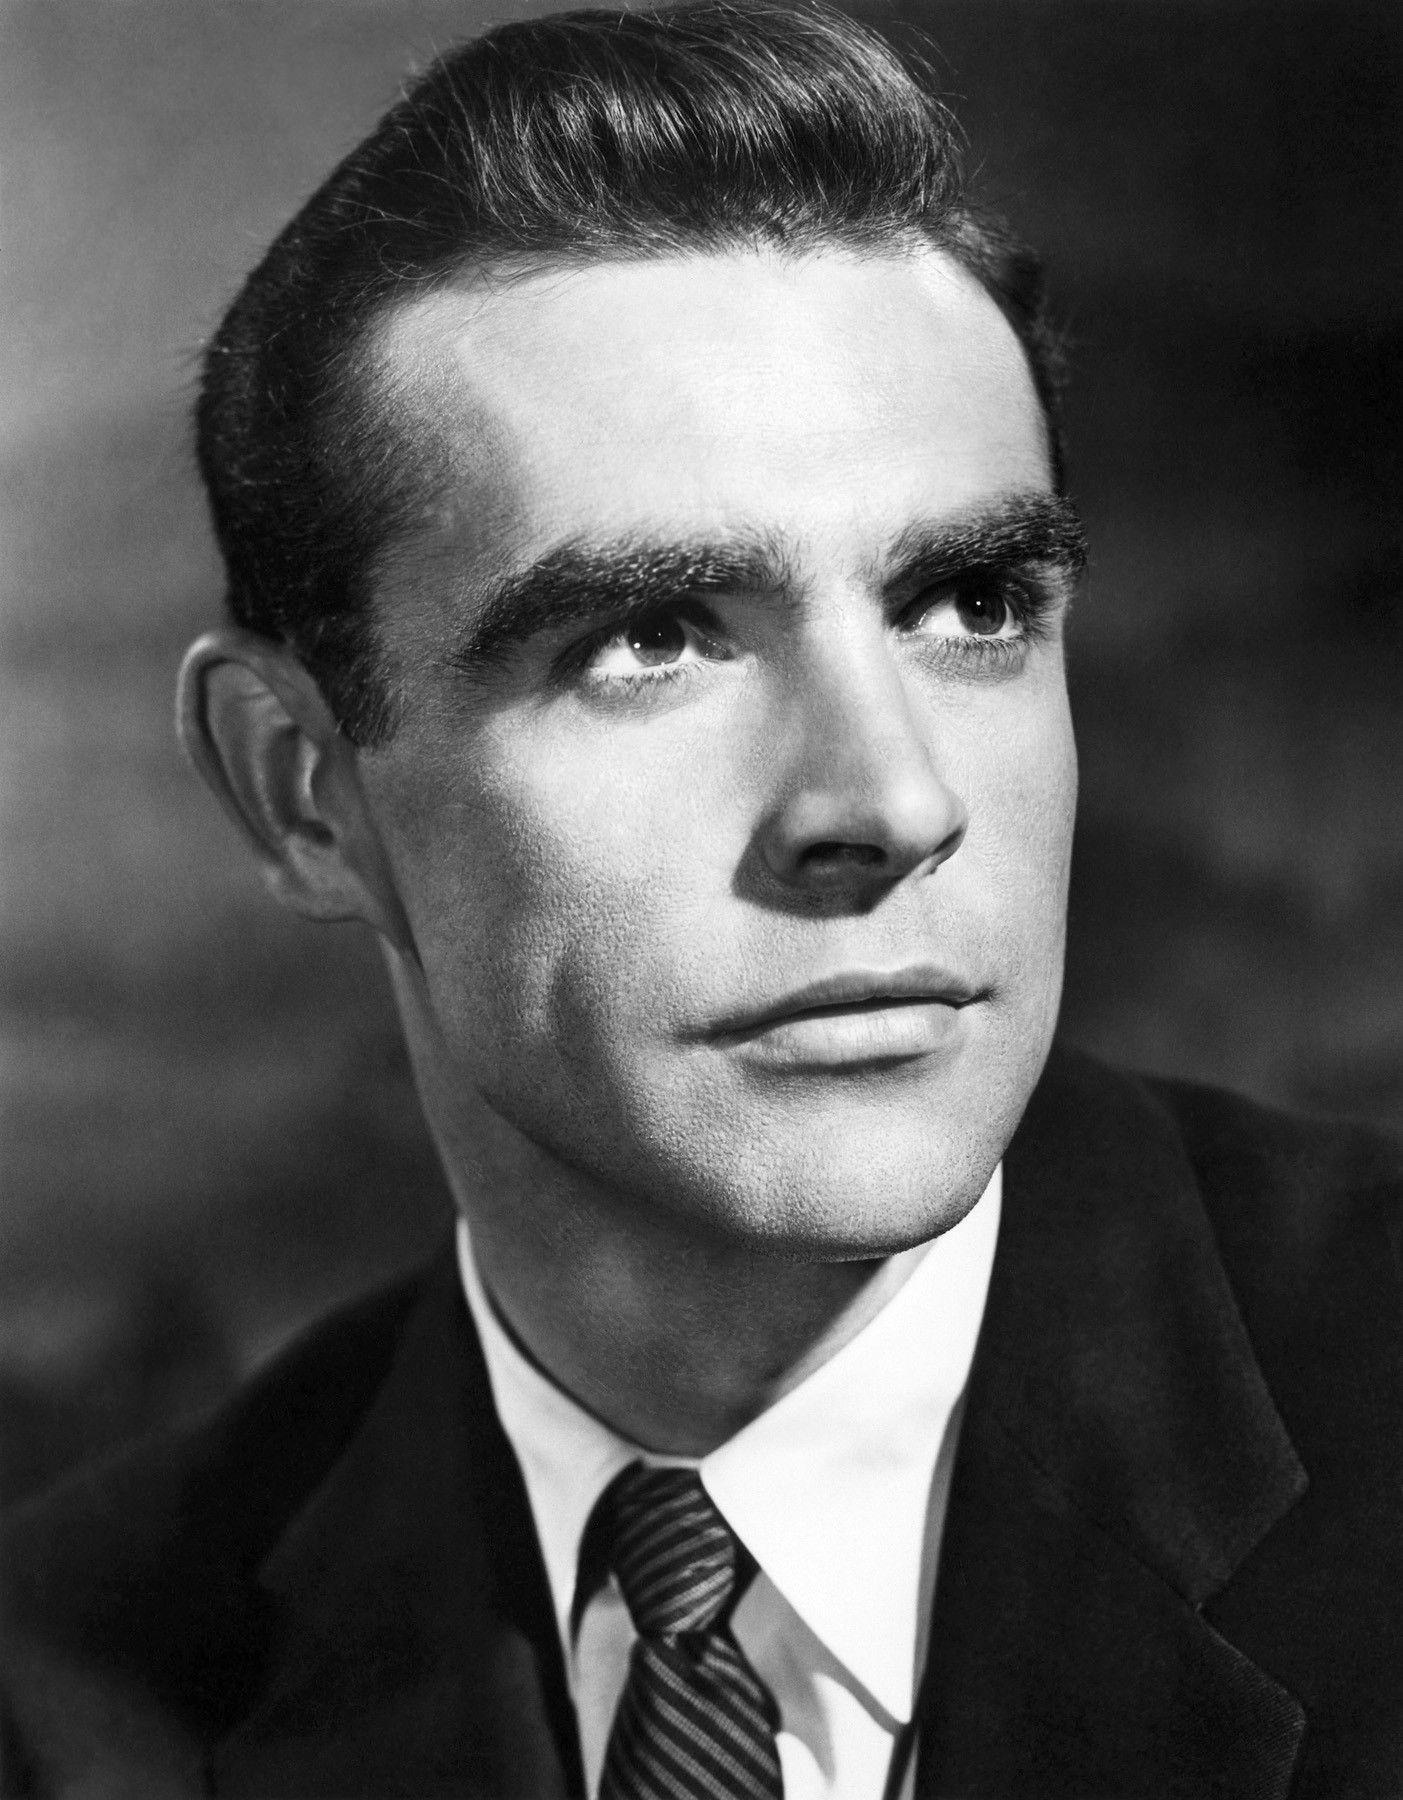 Sean Connery RIP  12er jahre frisur, Frisur dicke haare, Frisuren